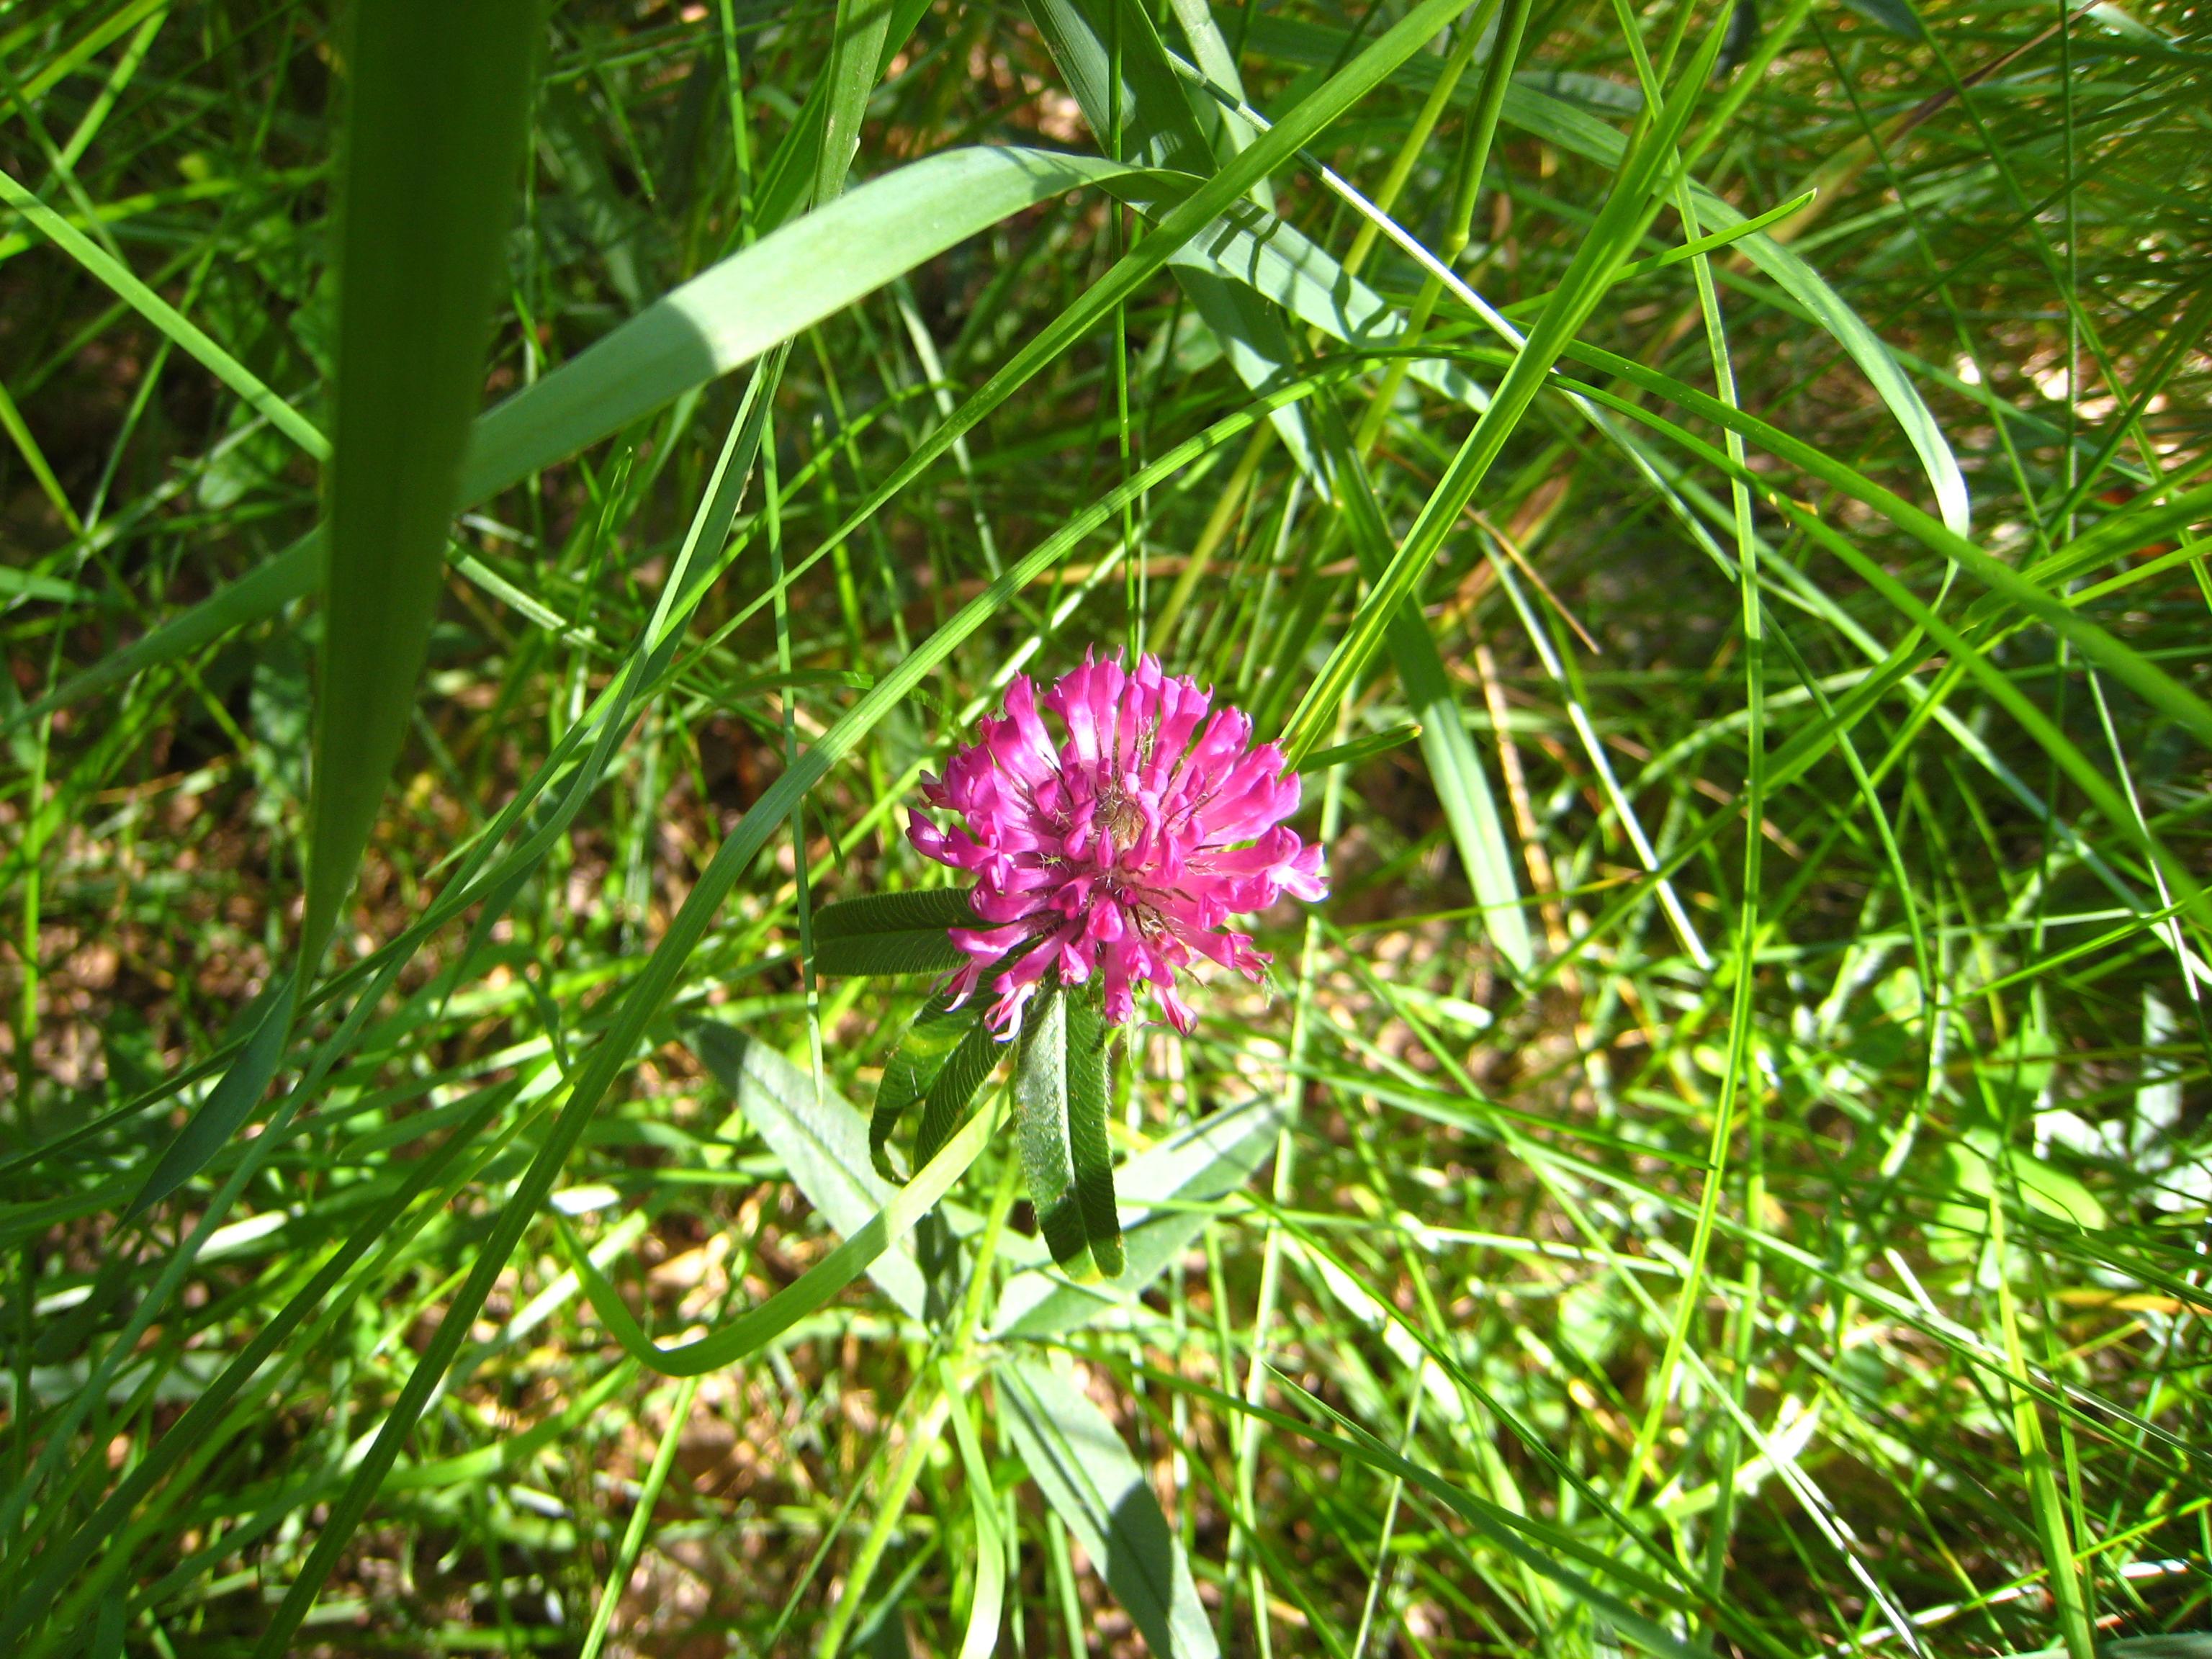 Обои сенокосное угодье, пейзаж, поле, луг, трава 16:10 бесплатно ... | 2304x3072